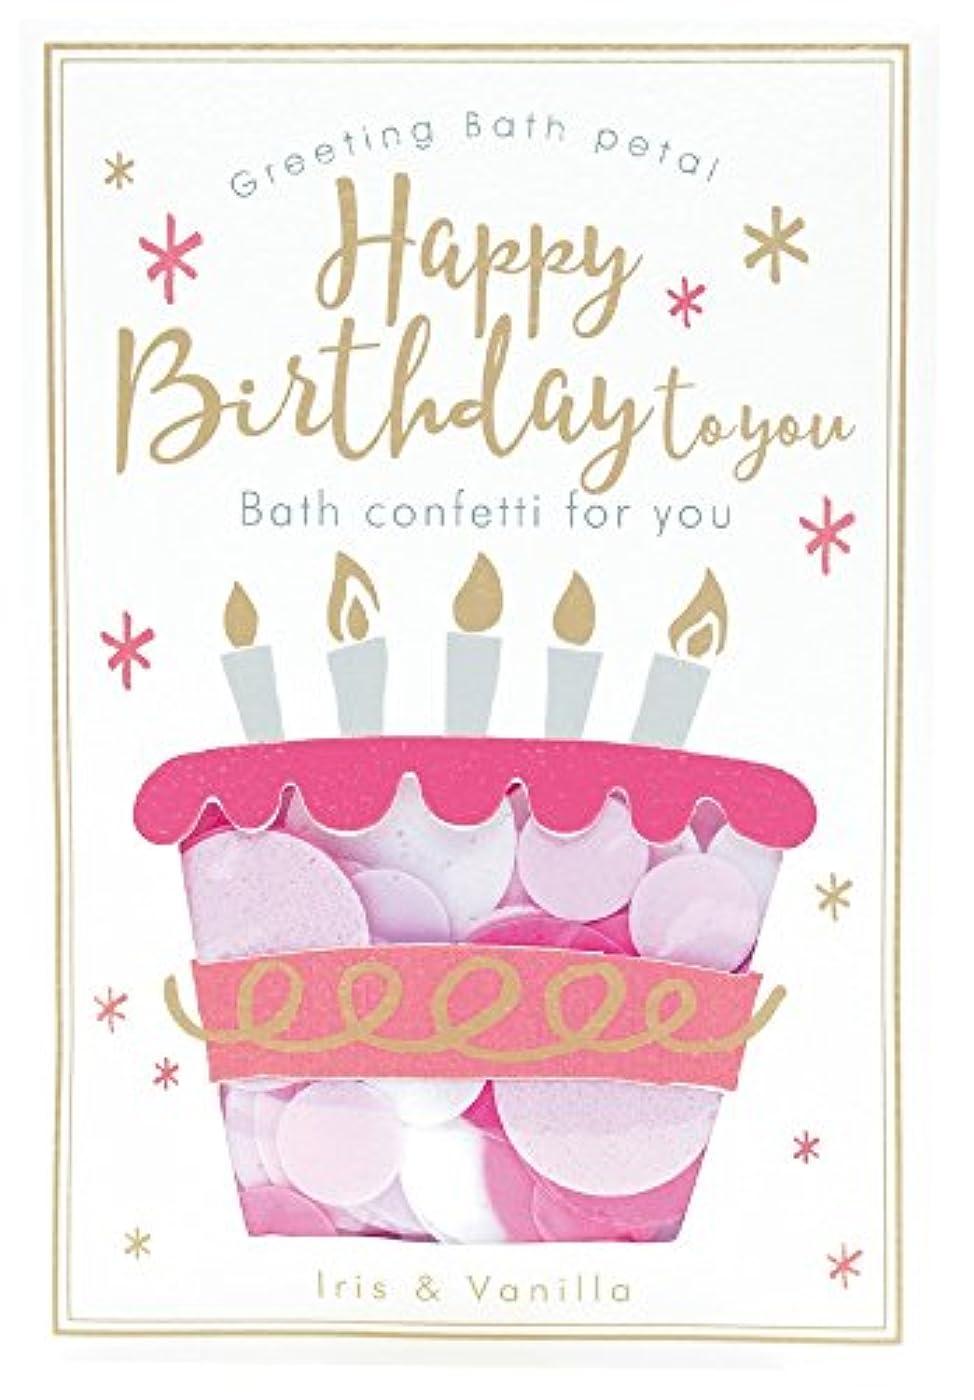 グリーンバックイル覗くノルコーポレーション 入浴剤 バスペタル グリーティングバスペタル Happy Bierthday to you 12g アイリス & バニラの香り OB-GTP-1-3